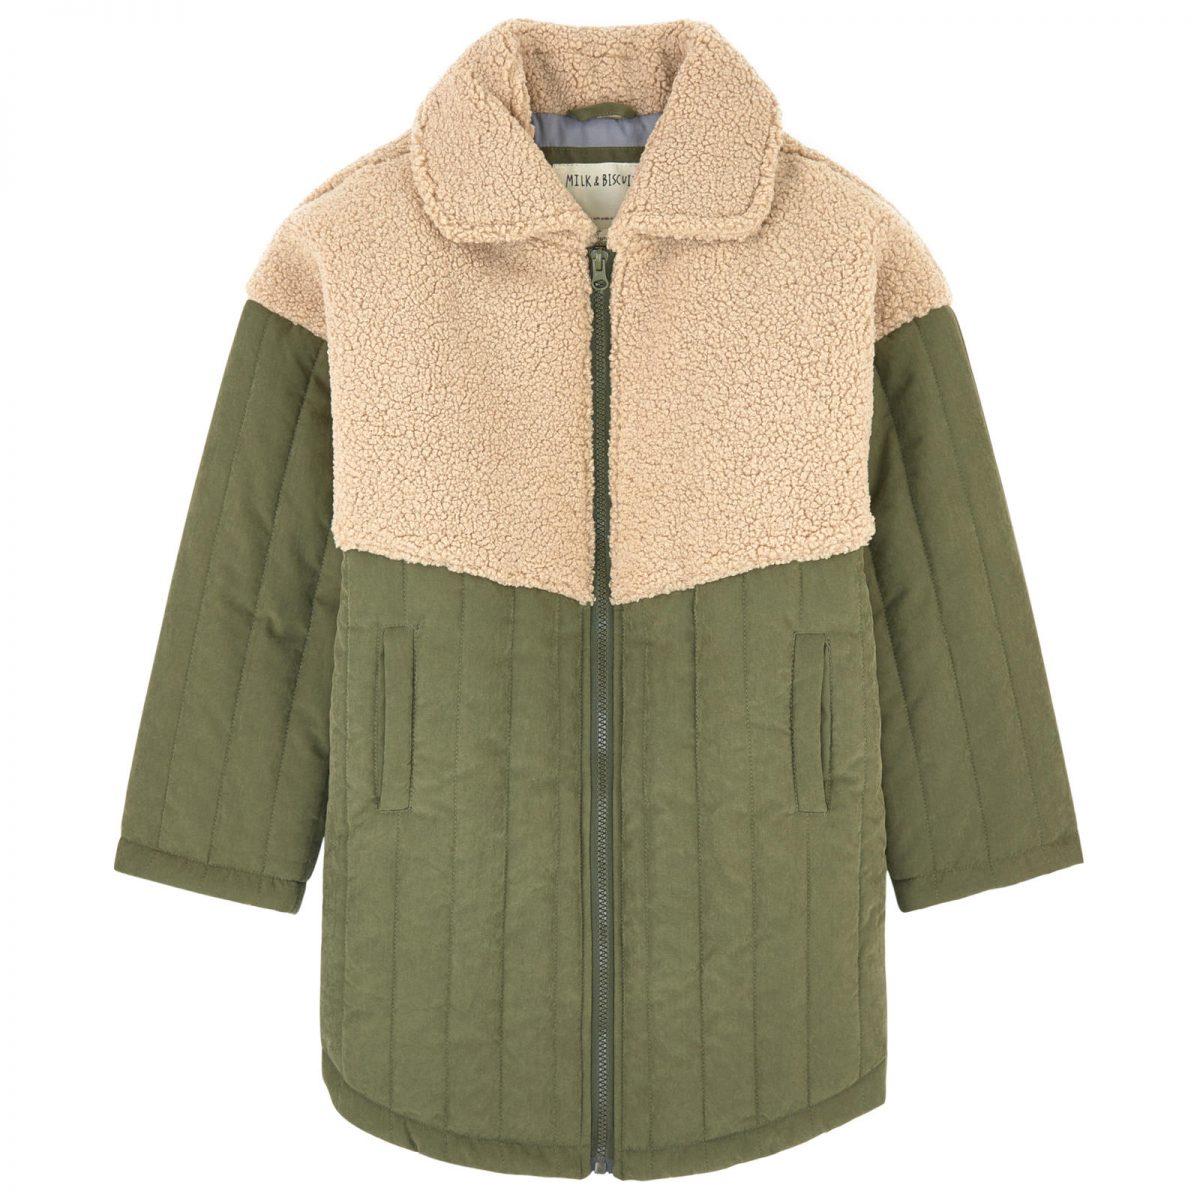 64c9bea549c93 La pelliccia è un materiale adatto anche ai maschietti (i capi da bambino  per eccellenza